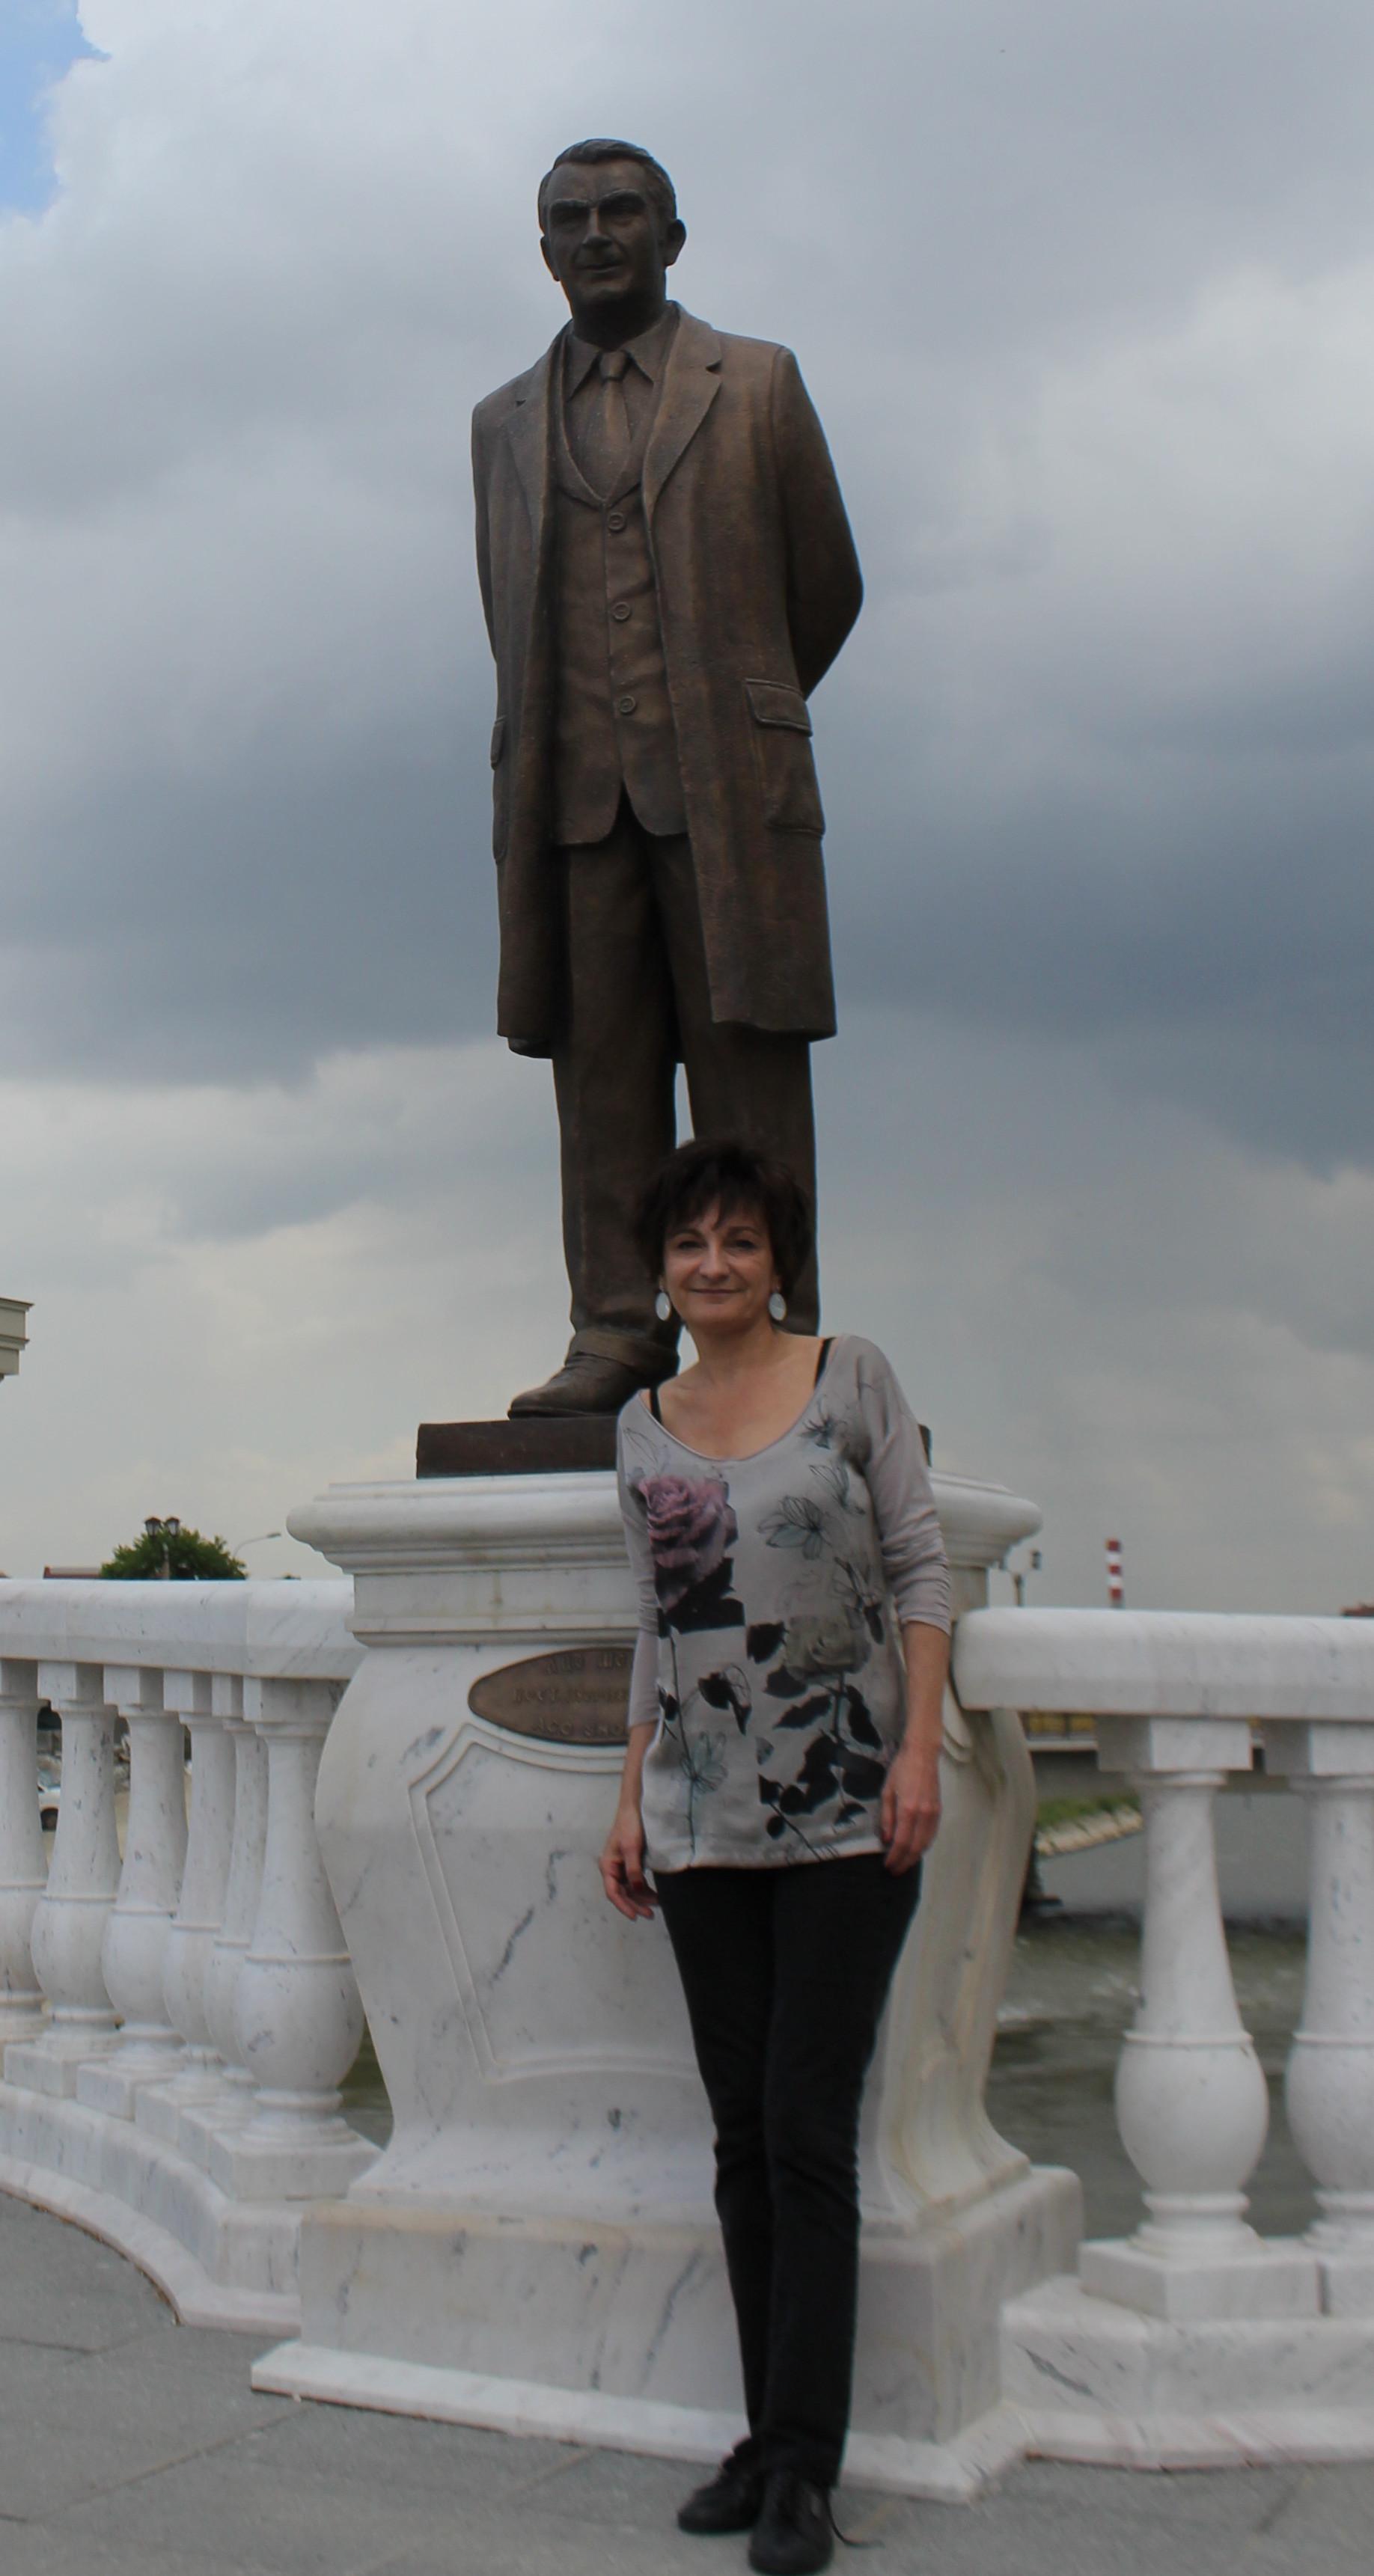 Jasmina Šopova sur le Pont des arts à Skopje, au pied de la statue de son père. Printemps 2013. © Jasmina Šopova